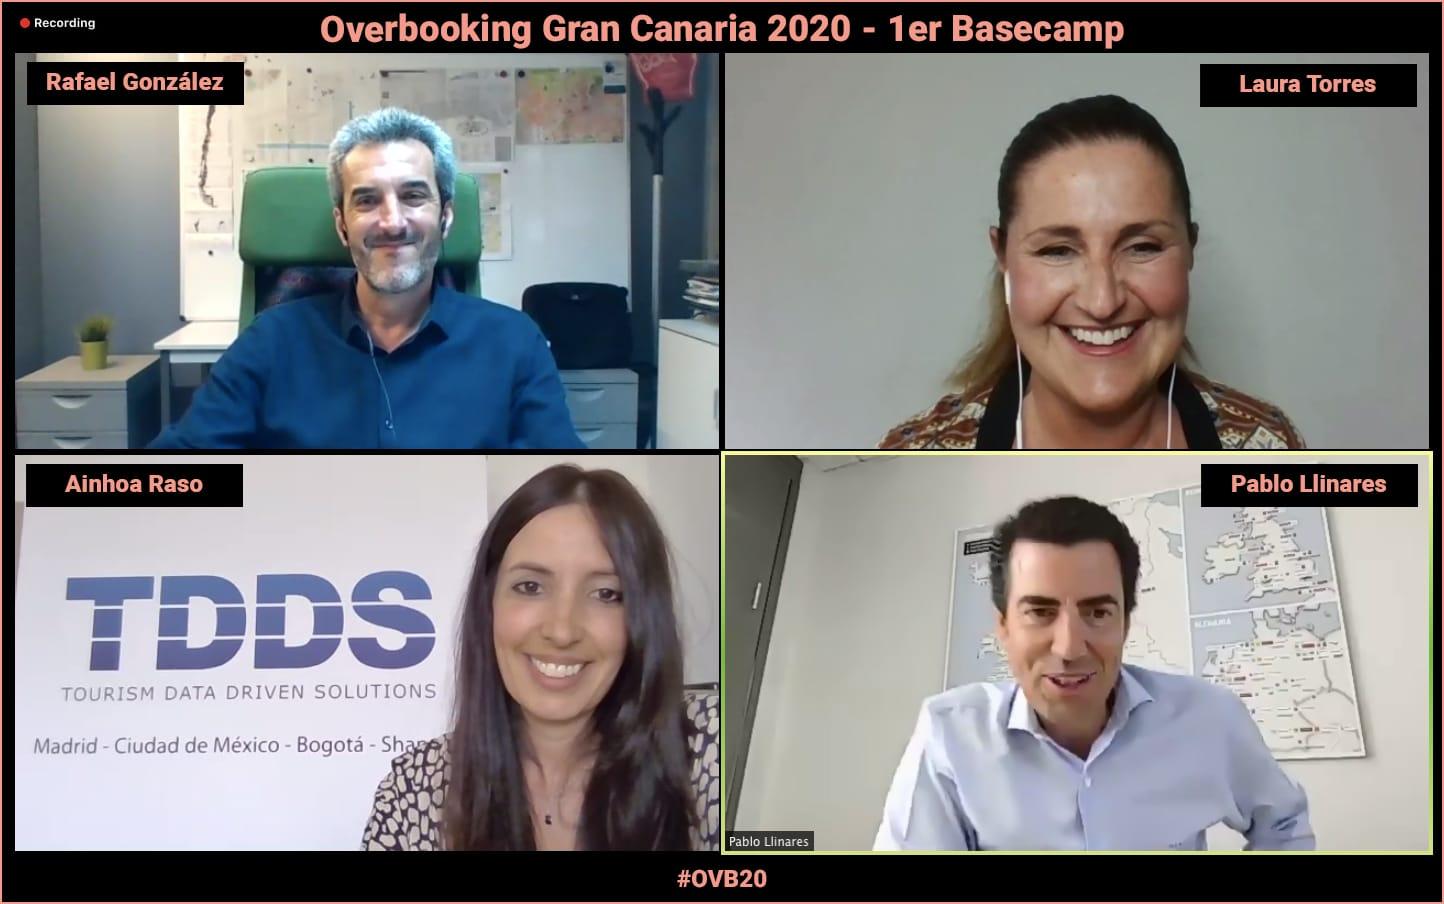 Confianza a través de la comunicación:  Así arranca Overbooking Gran Canaria 2020